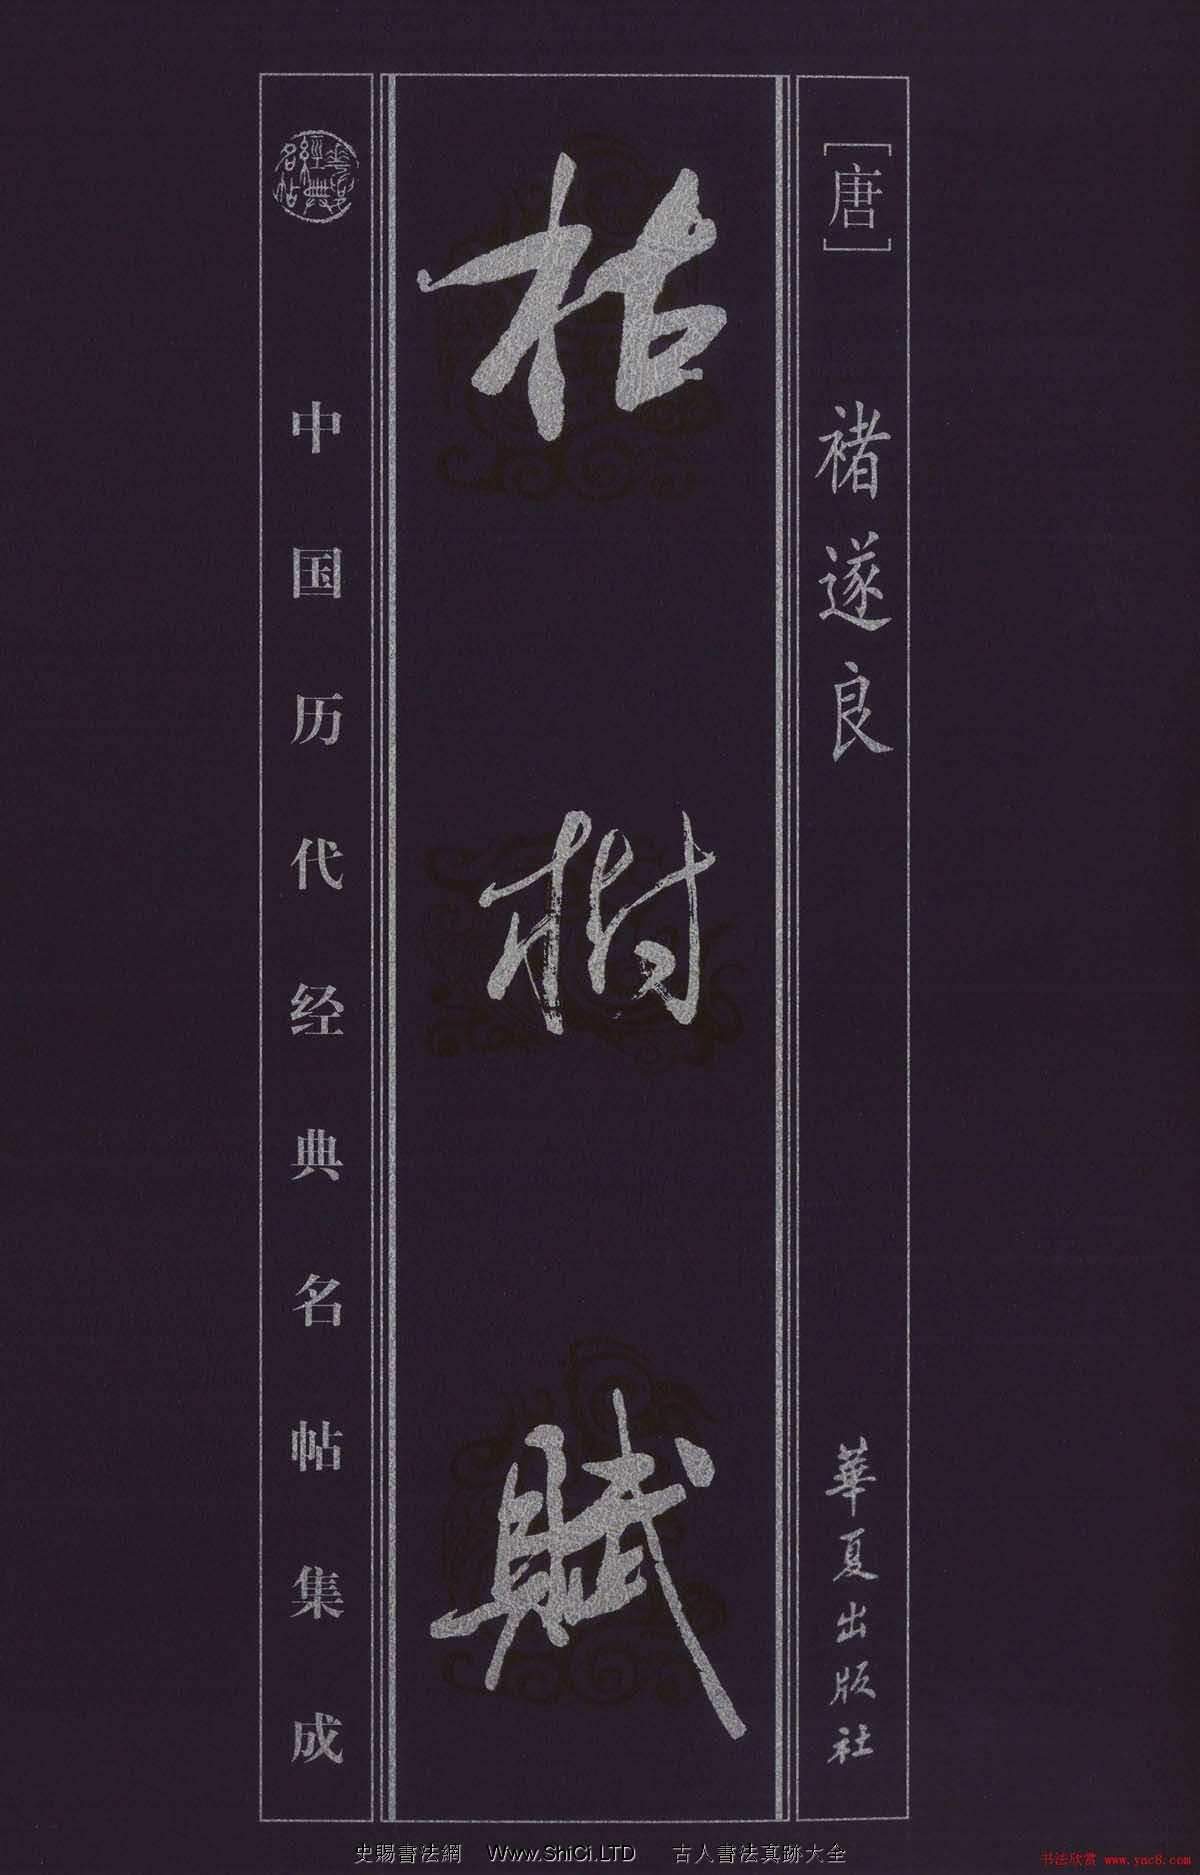 褚遂良書法真跡欣賞《枯樹賦》(大圖)(共8張圖片)